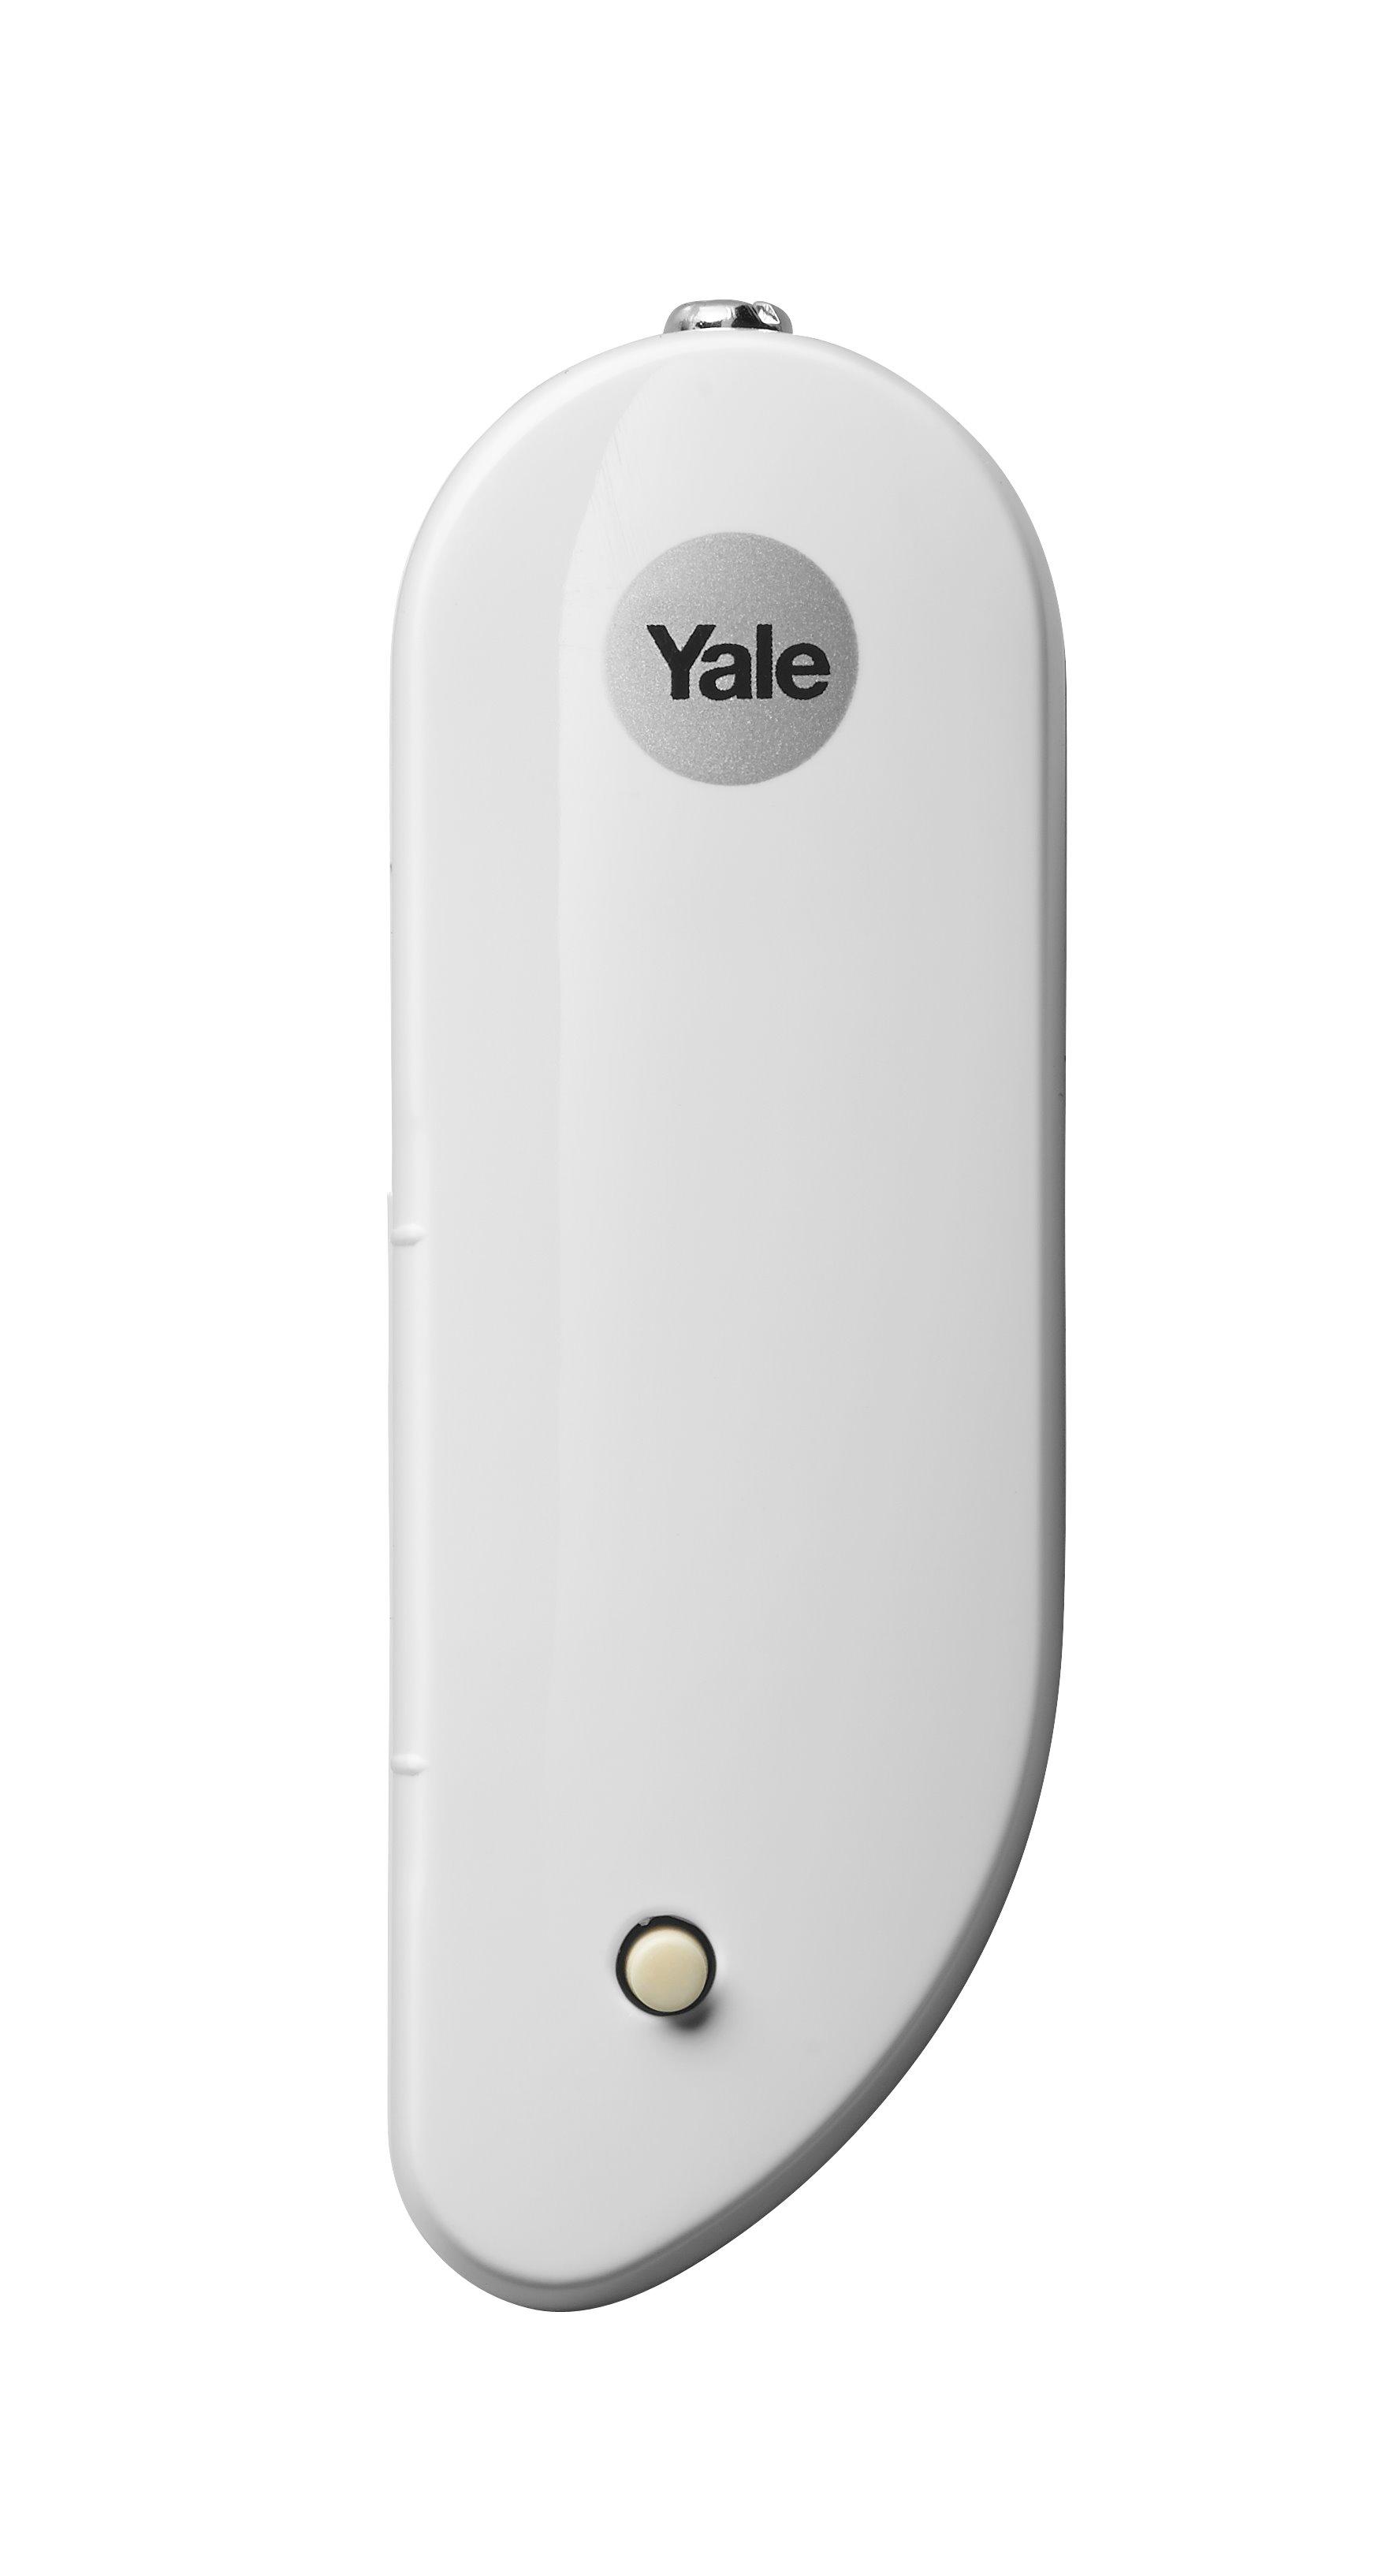 D tecteur d 39 ouverture accessoires d 39 alarme yale for Ferme porte yale